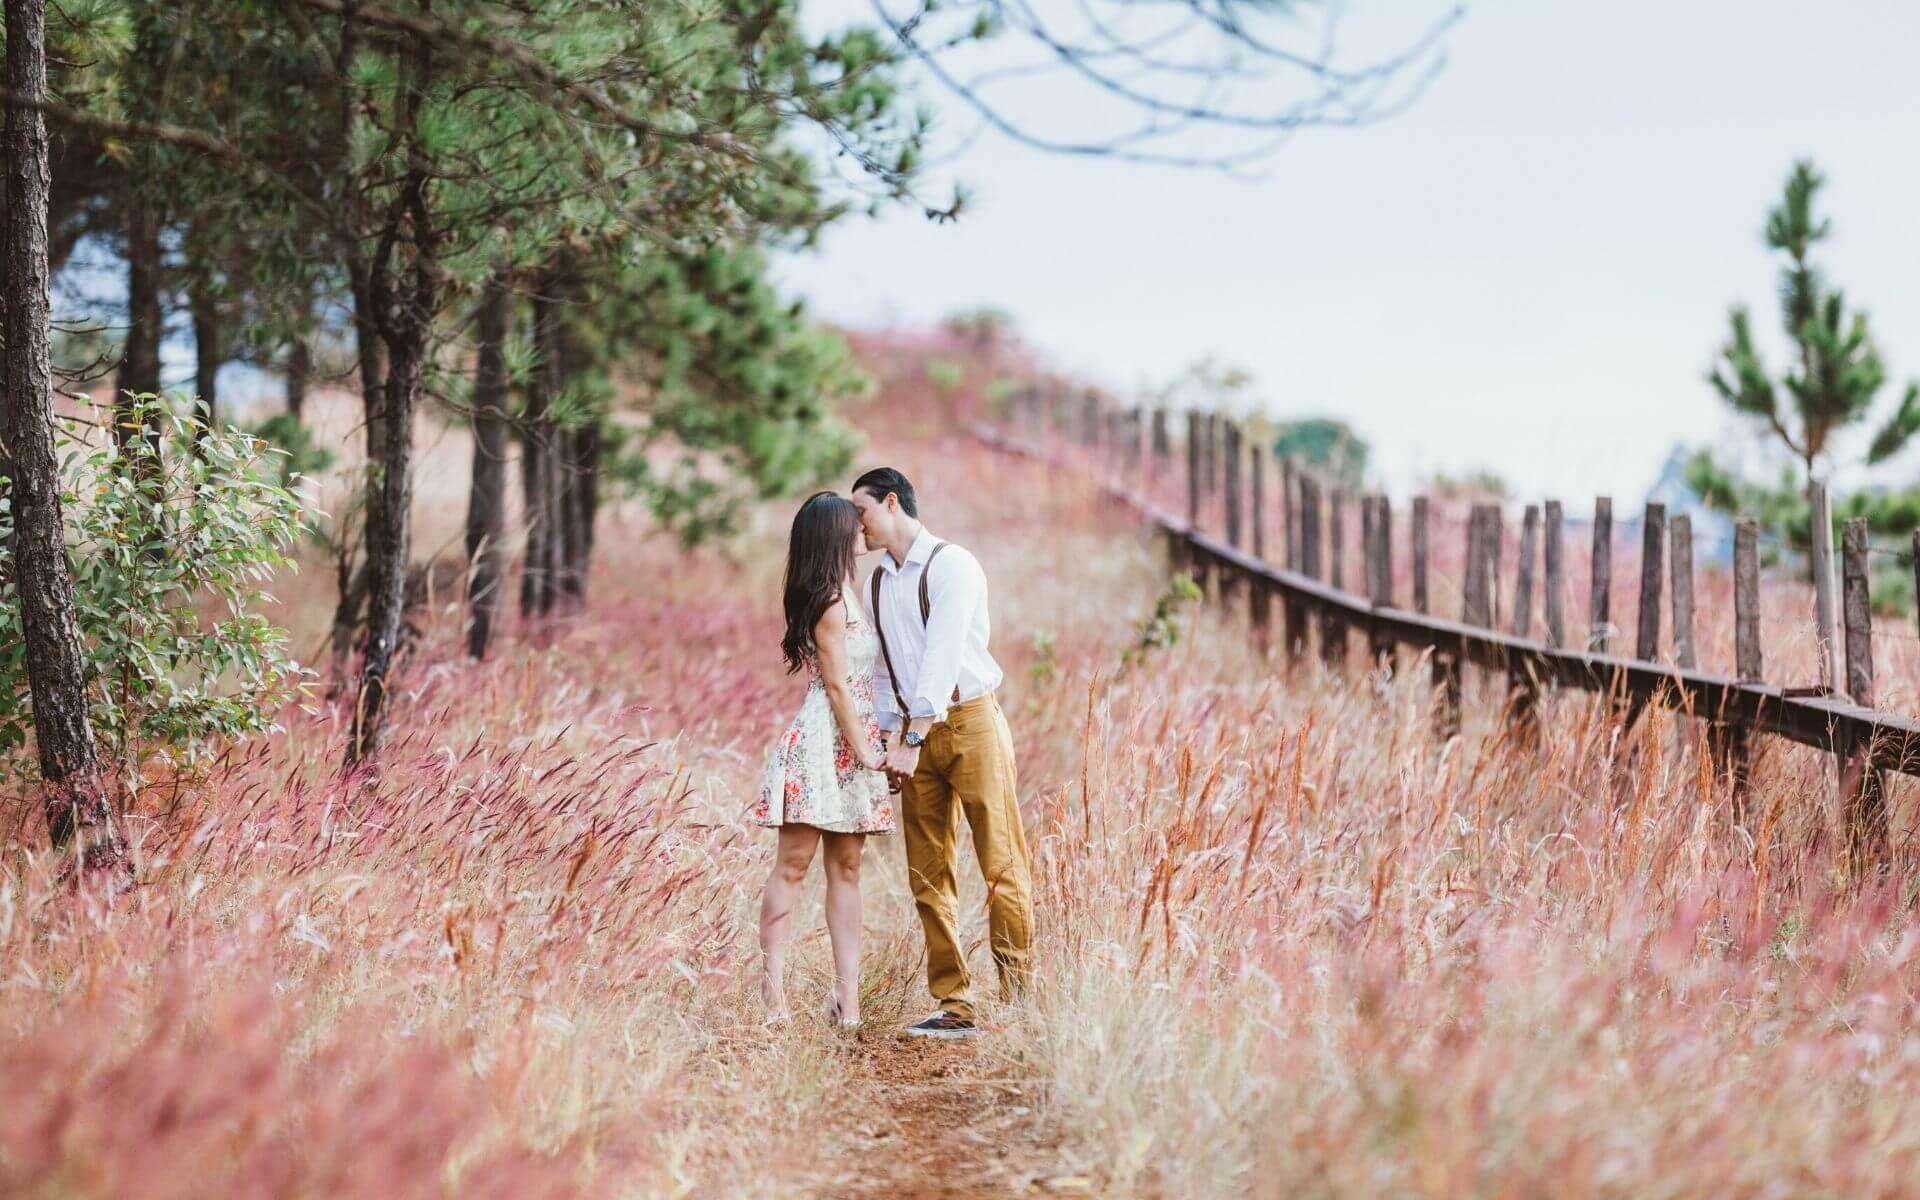 Beziehungstest: Beantworte diese 7 Fragen, um herauszufinden, wie stabil deine Beziehung ist